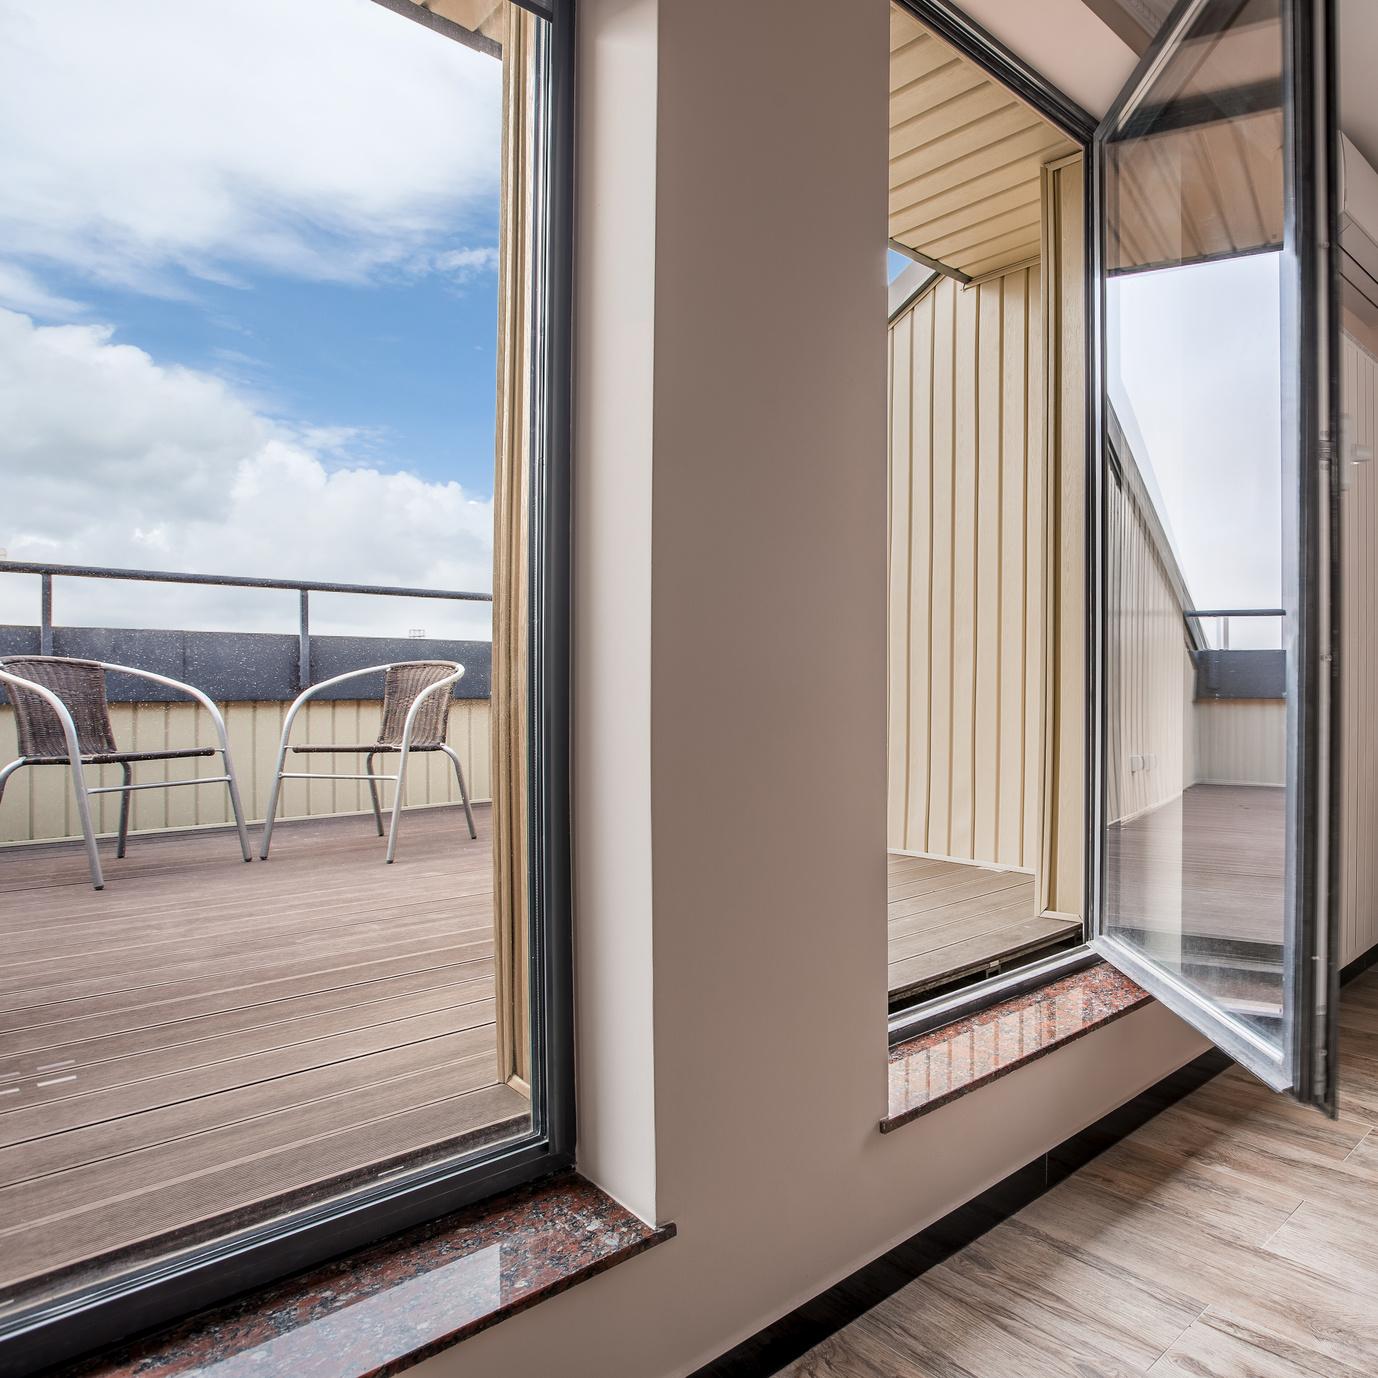 Bord De Fenetre Interieur l'appui de fenêtre intérieur – un matériau isolant